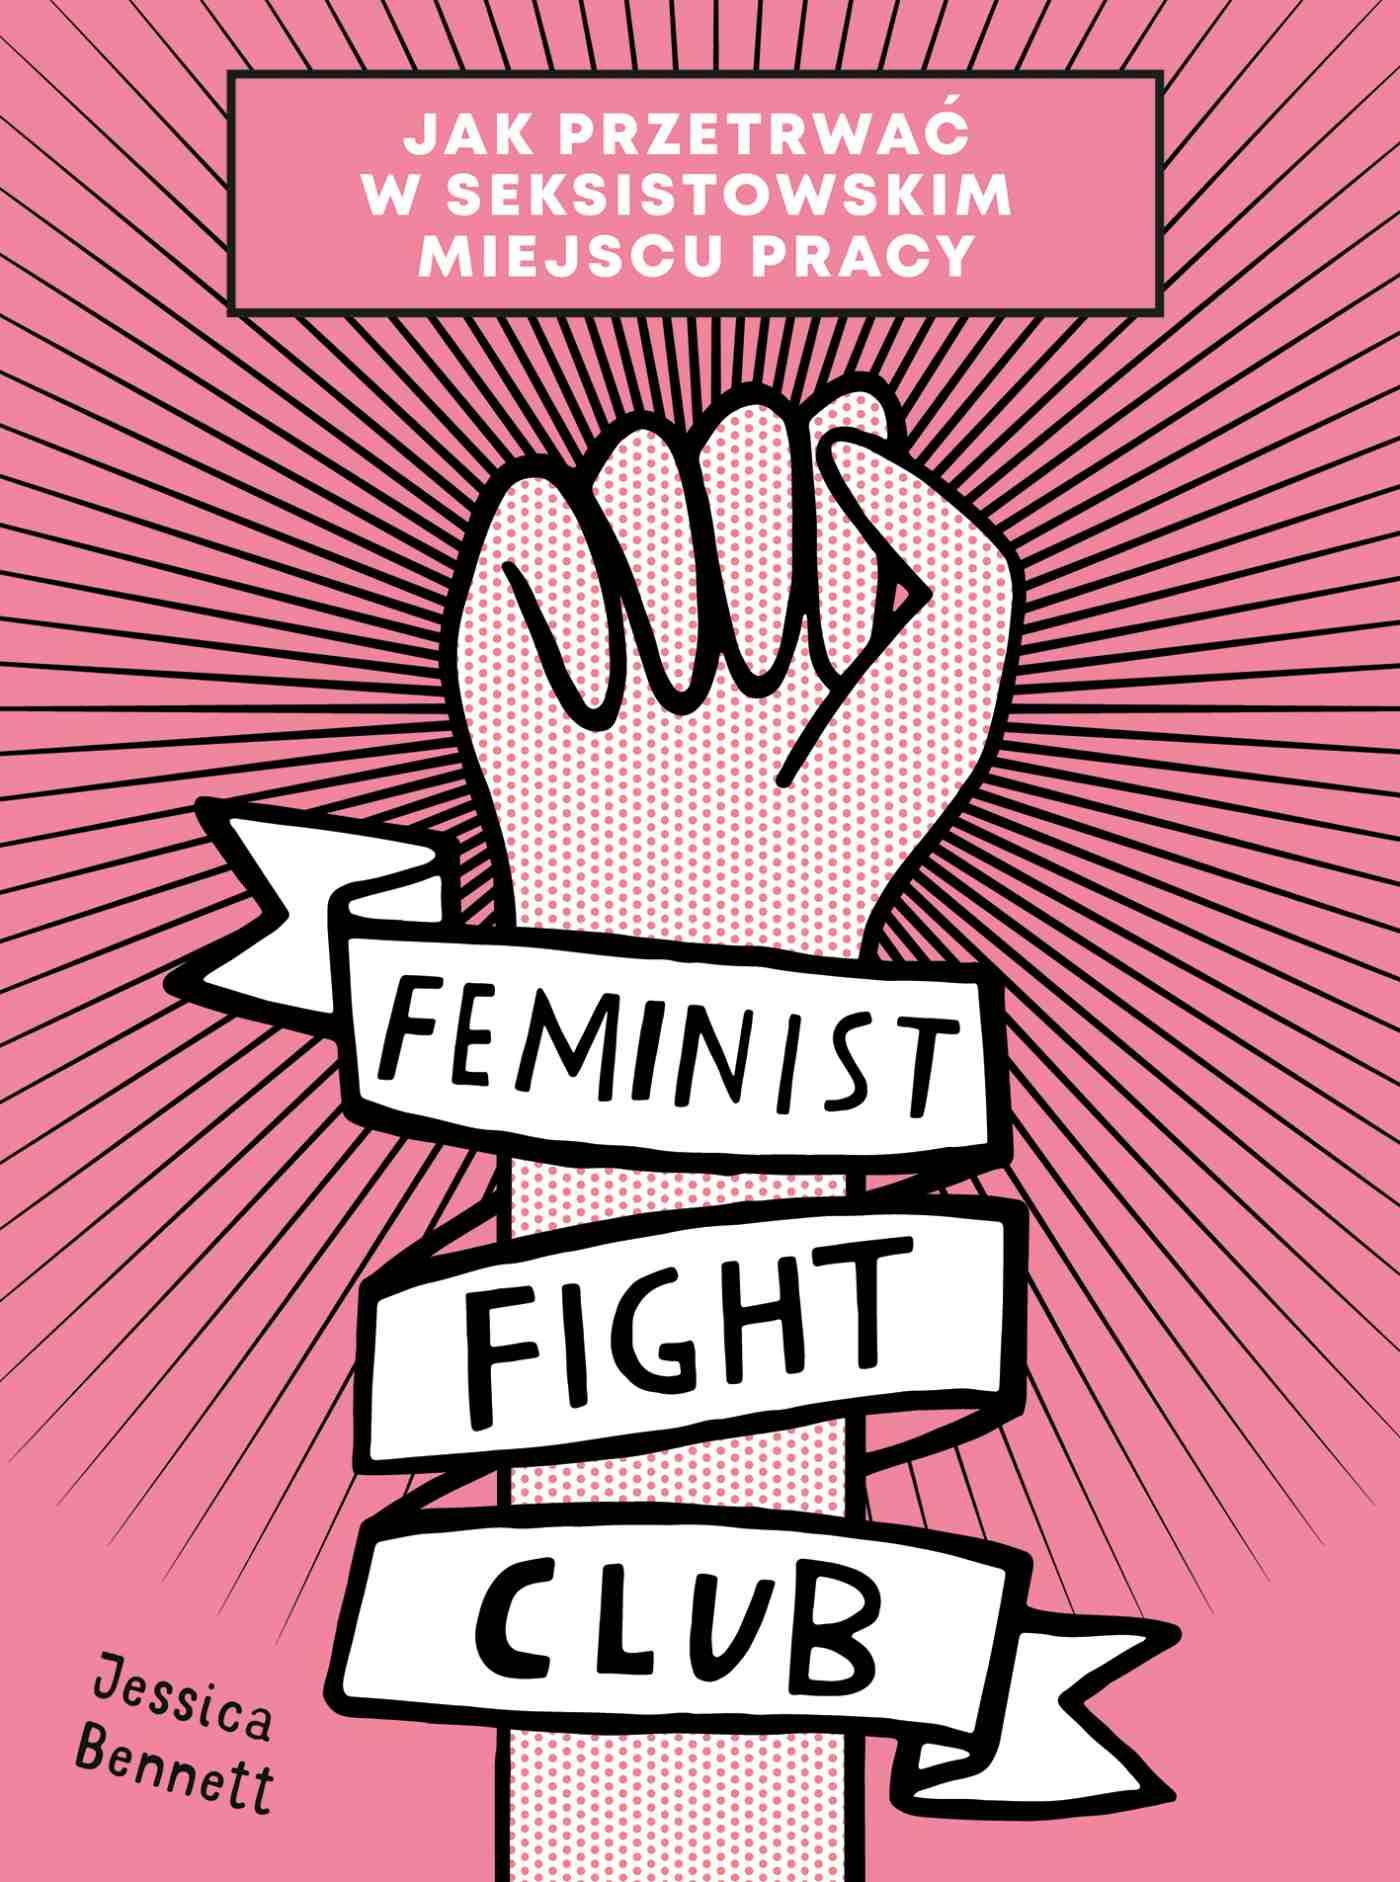 Feminist Fight Club. Jak przetrwać w seksistowskim miejscu pracy - Ebook (Książka EPUB) do pobrania w formacie EPUB